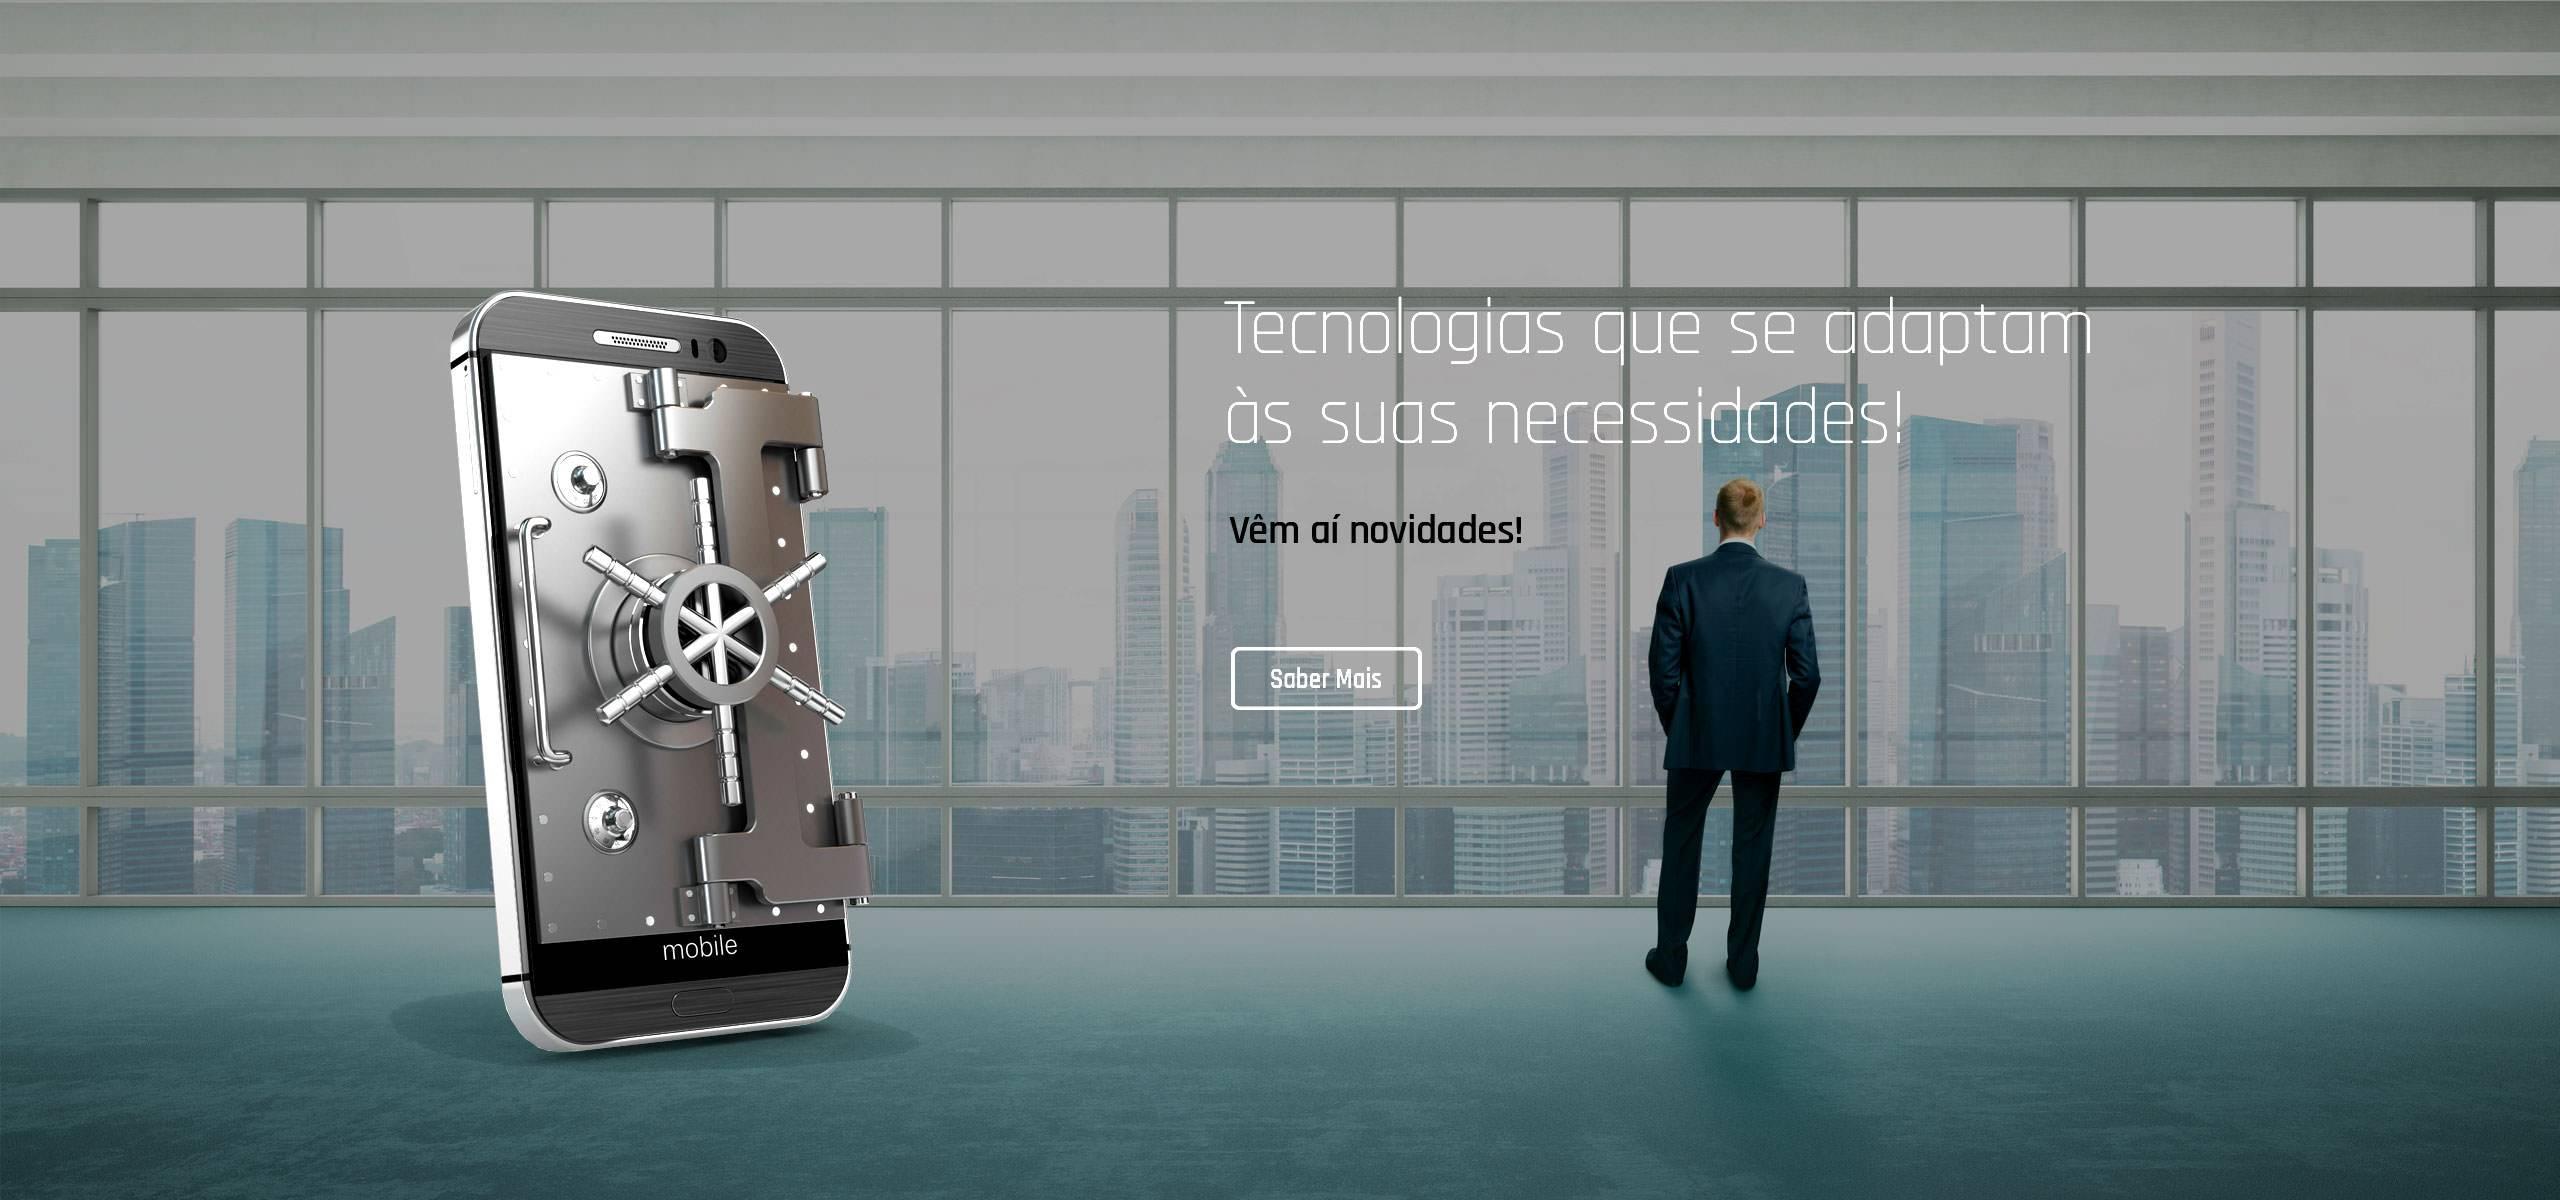 Aplicação Android | Controlo de Assiduidade via Android | Controlo, Gestão e Segurança | Controlo e Gestão Empresarial | IDONIC